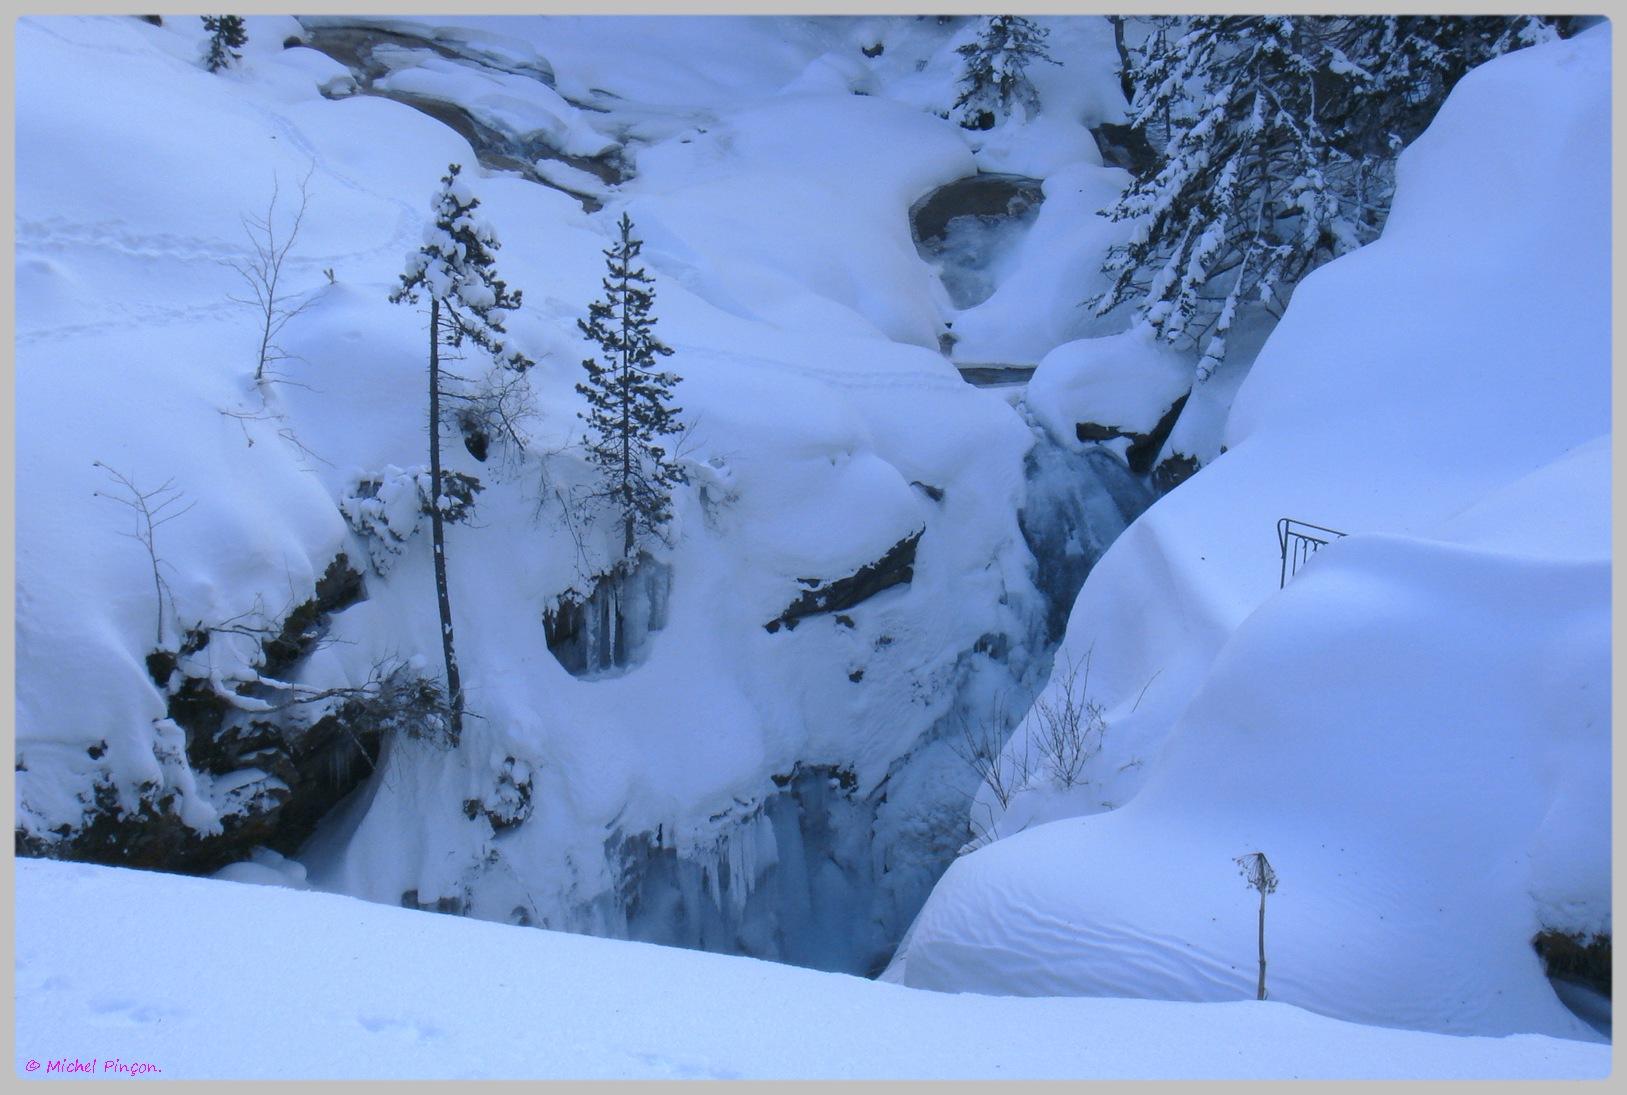 Une semaine à la Neige dans les Htes Pyrénées - Page 2 200344DSC012011